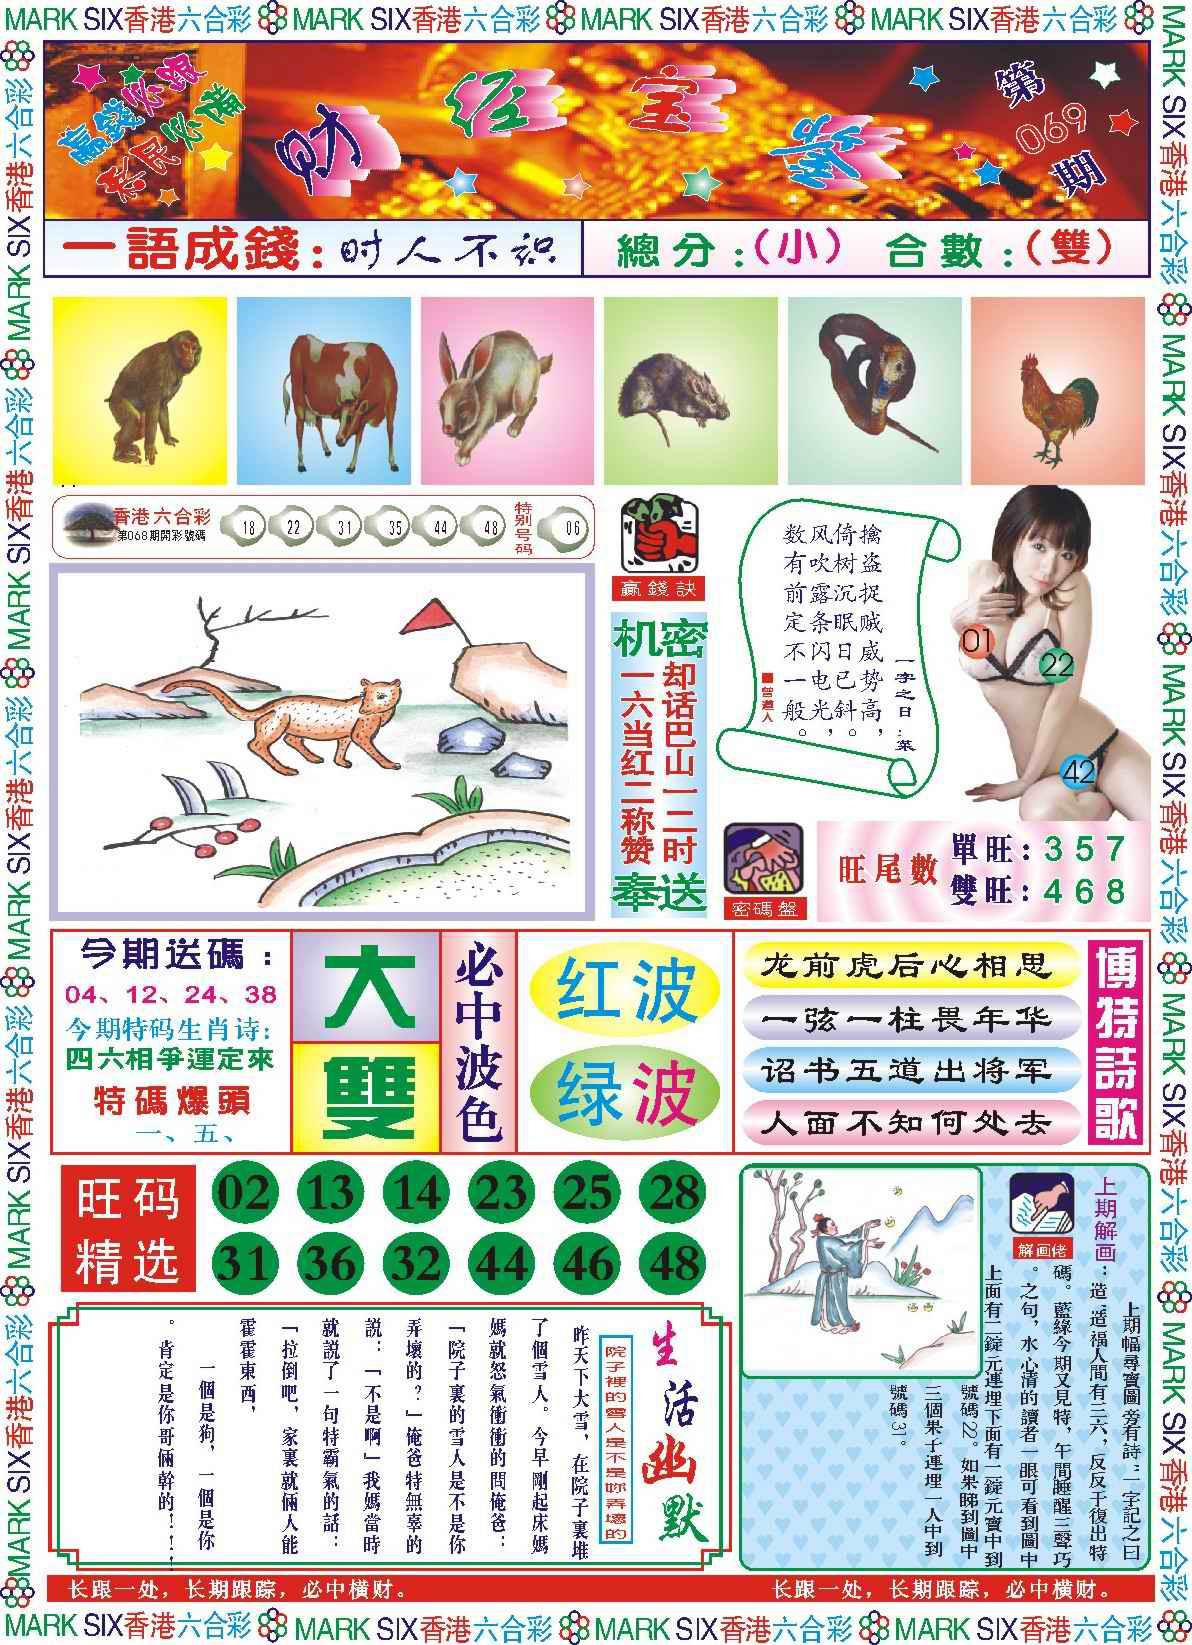 069期118财经宝鉴(新图)